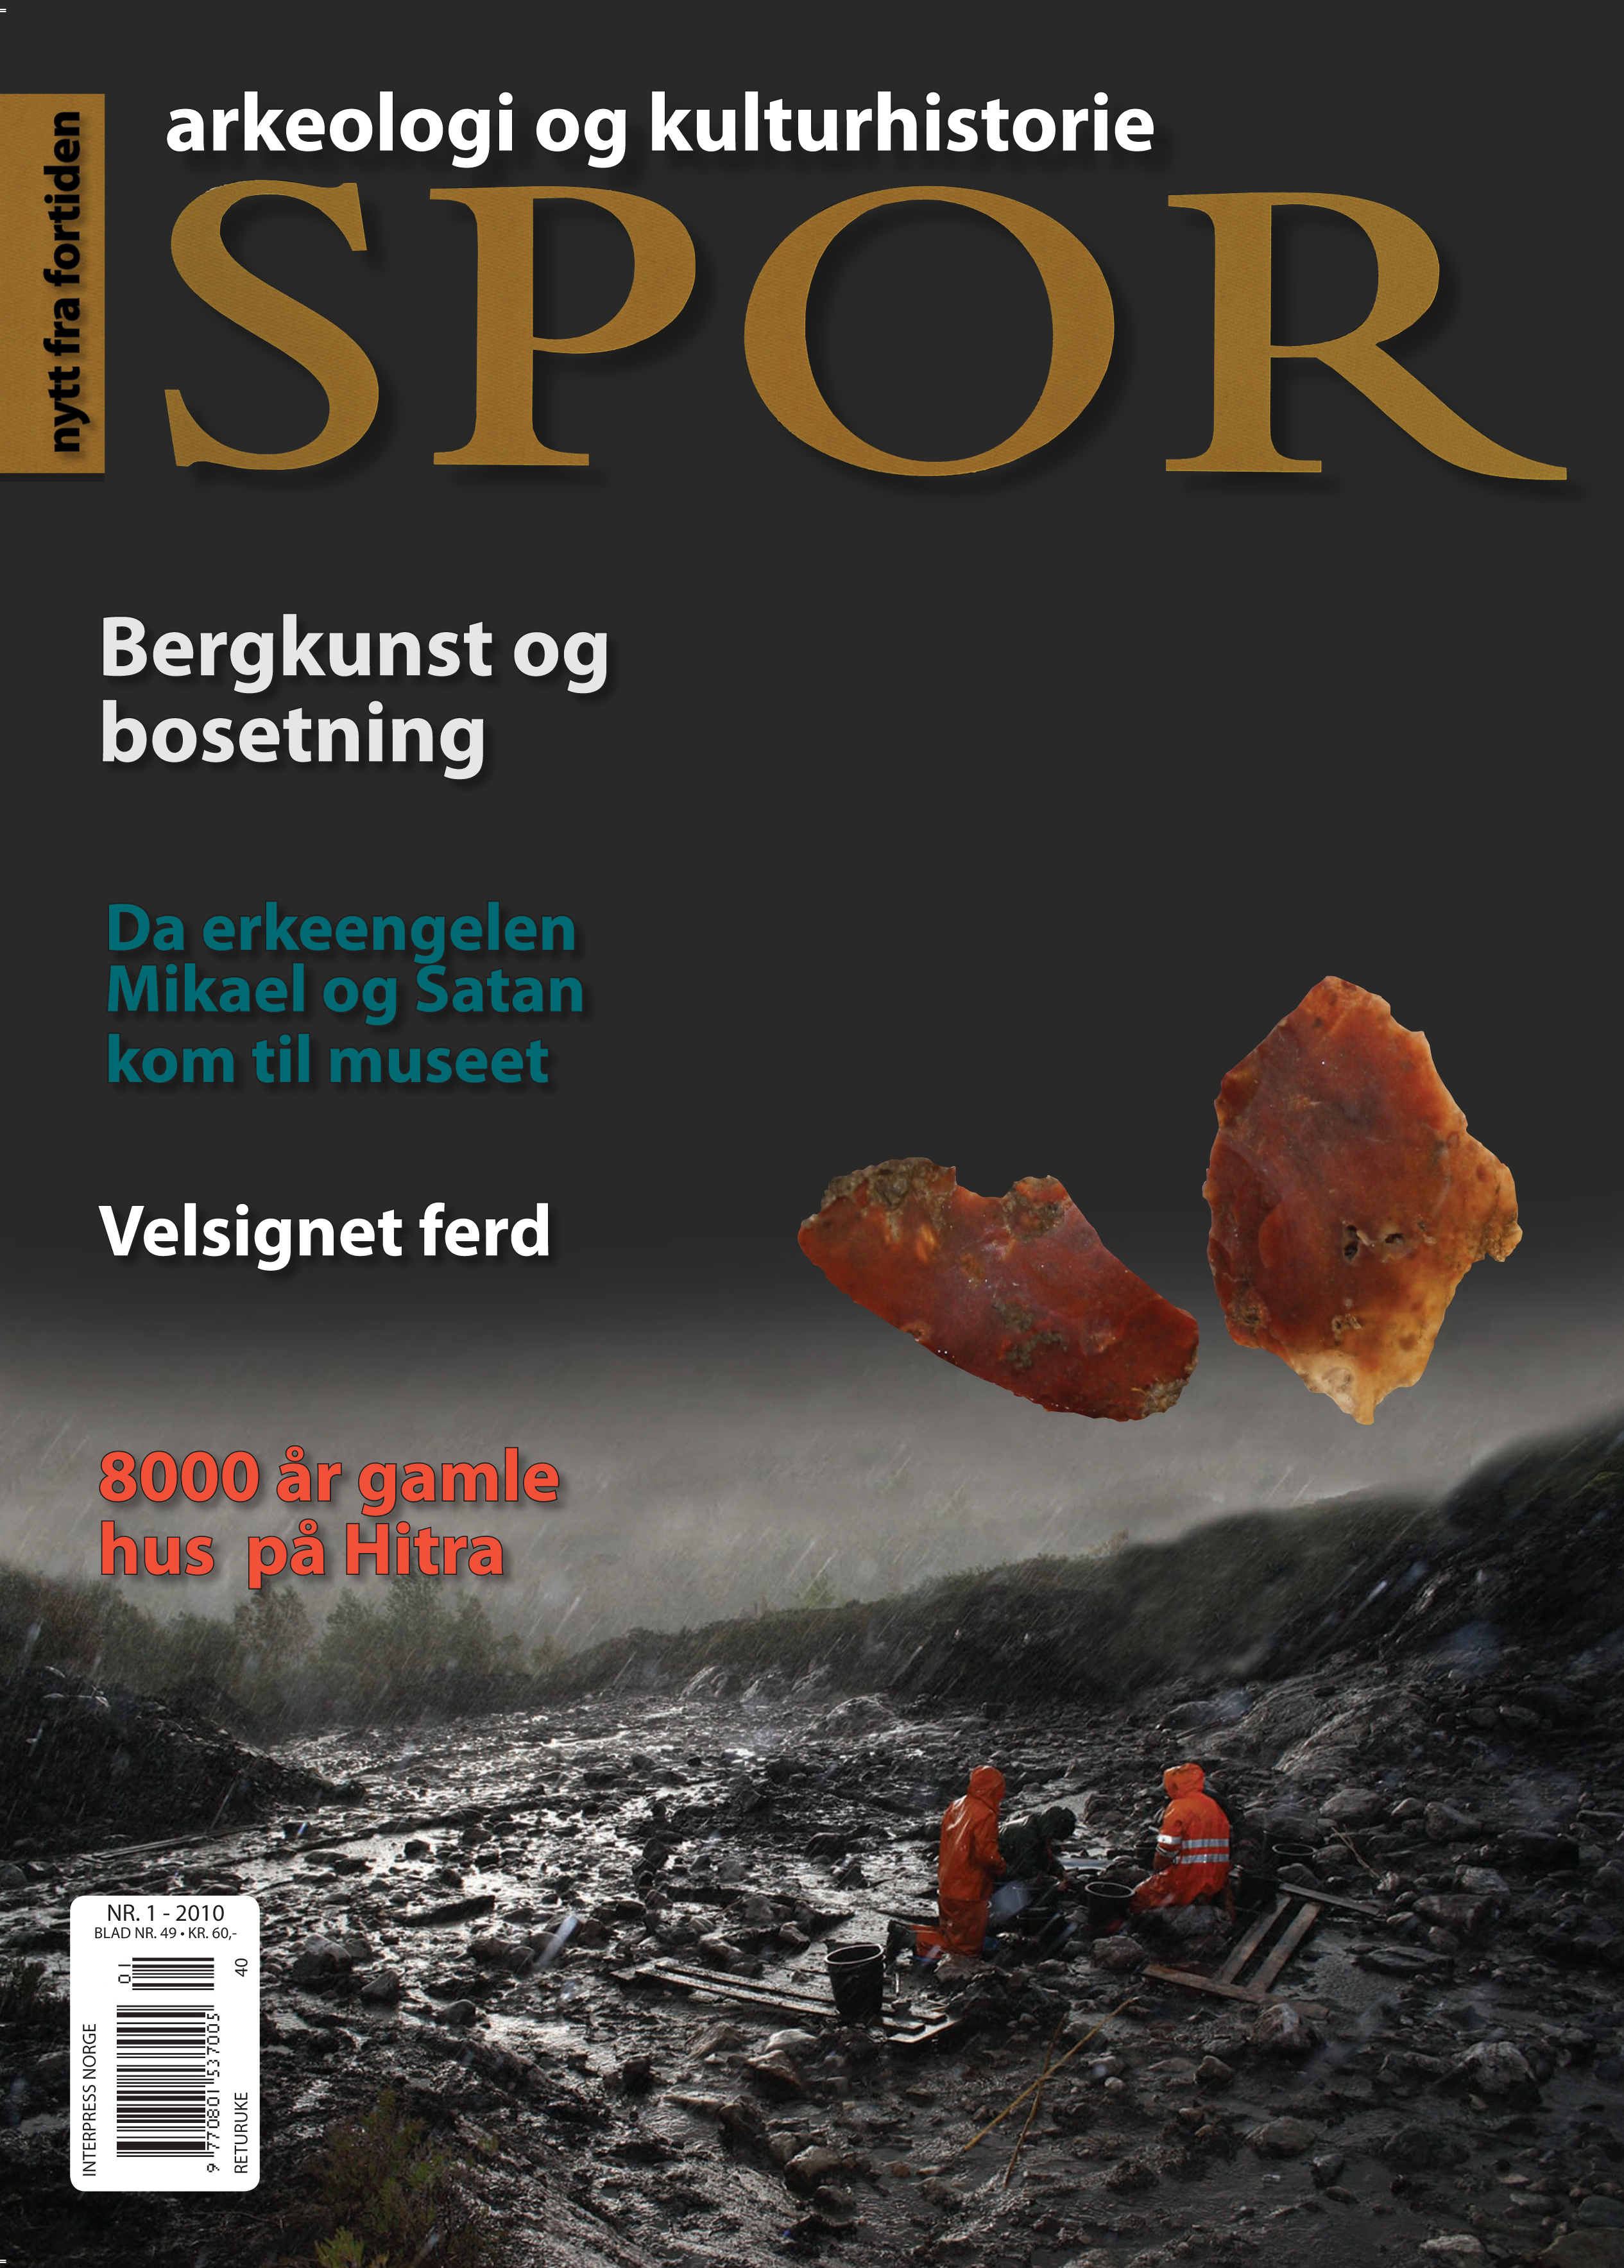 Forside Spor 1-2010